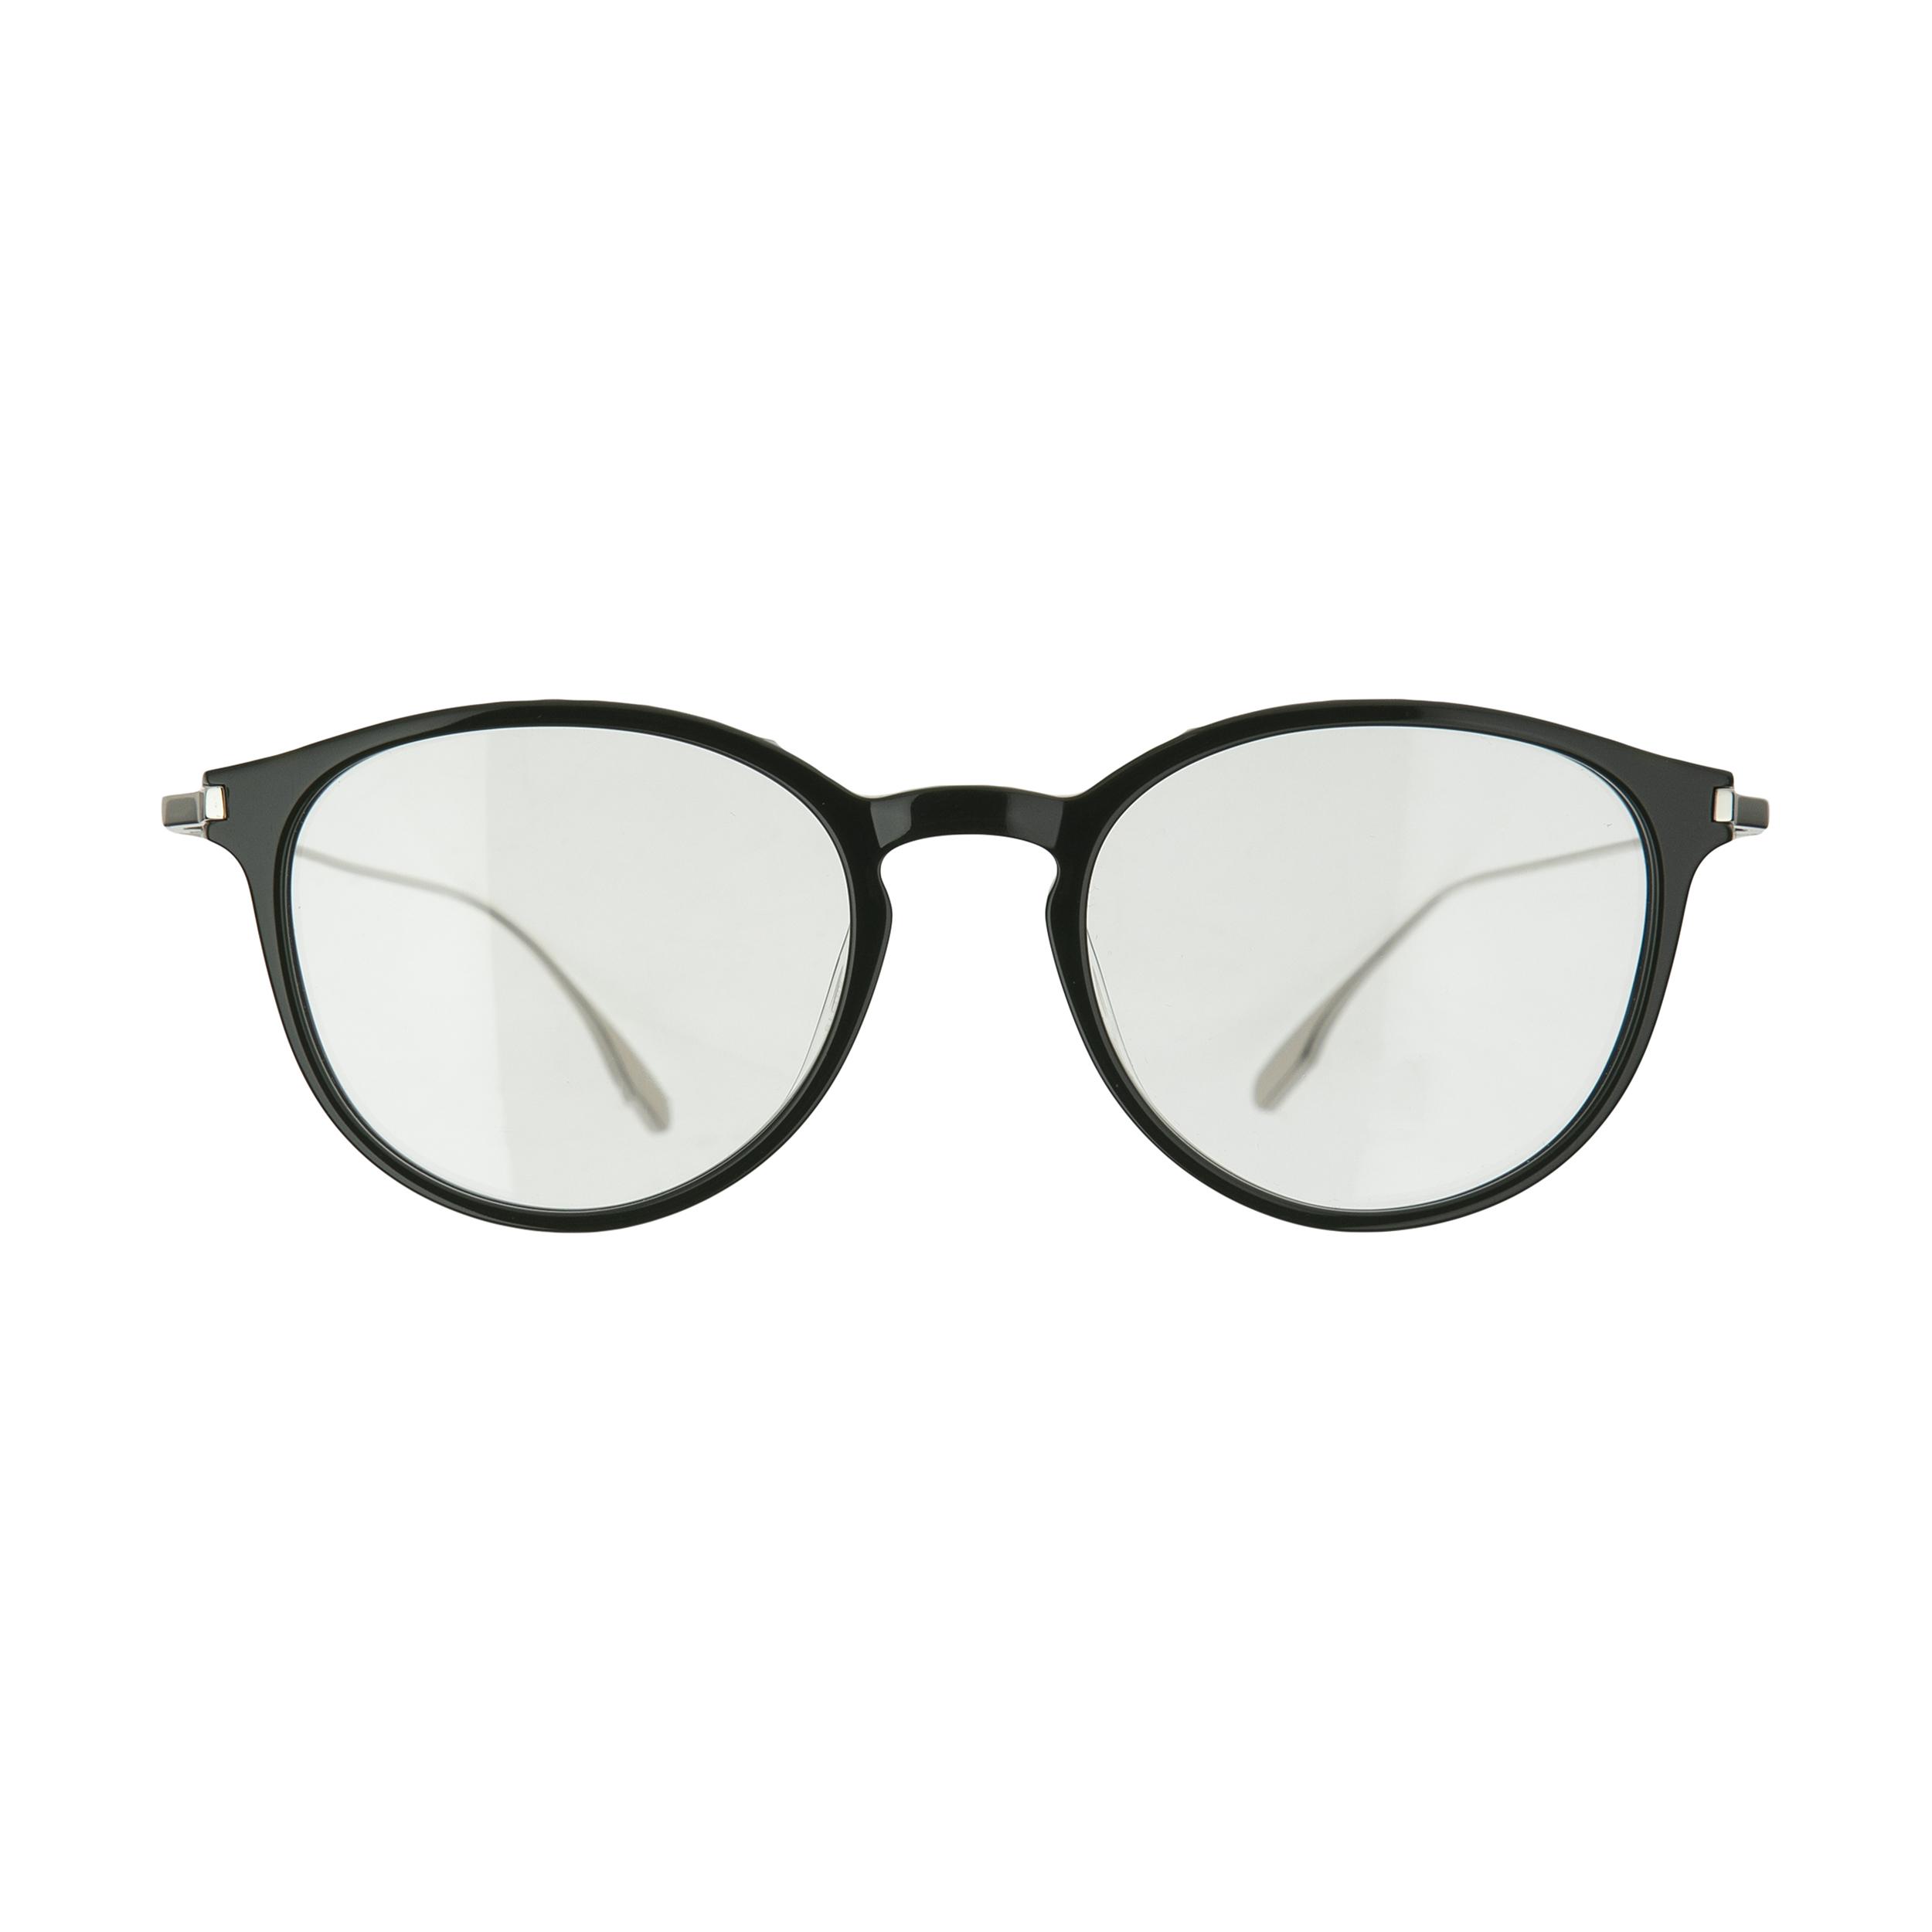 عینک طبی زنانه کارولینا هررا مدل VHE860 09FB